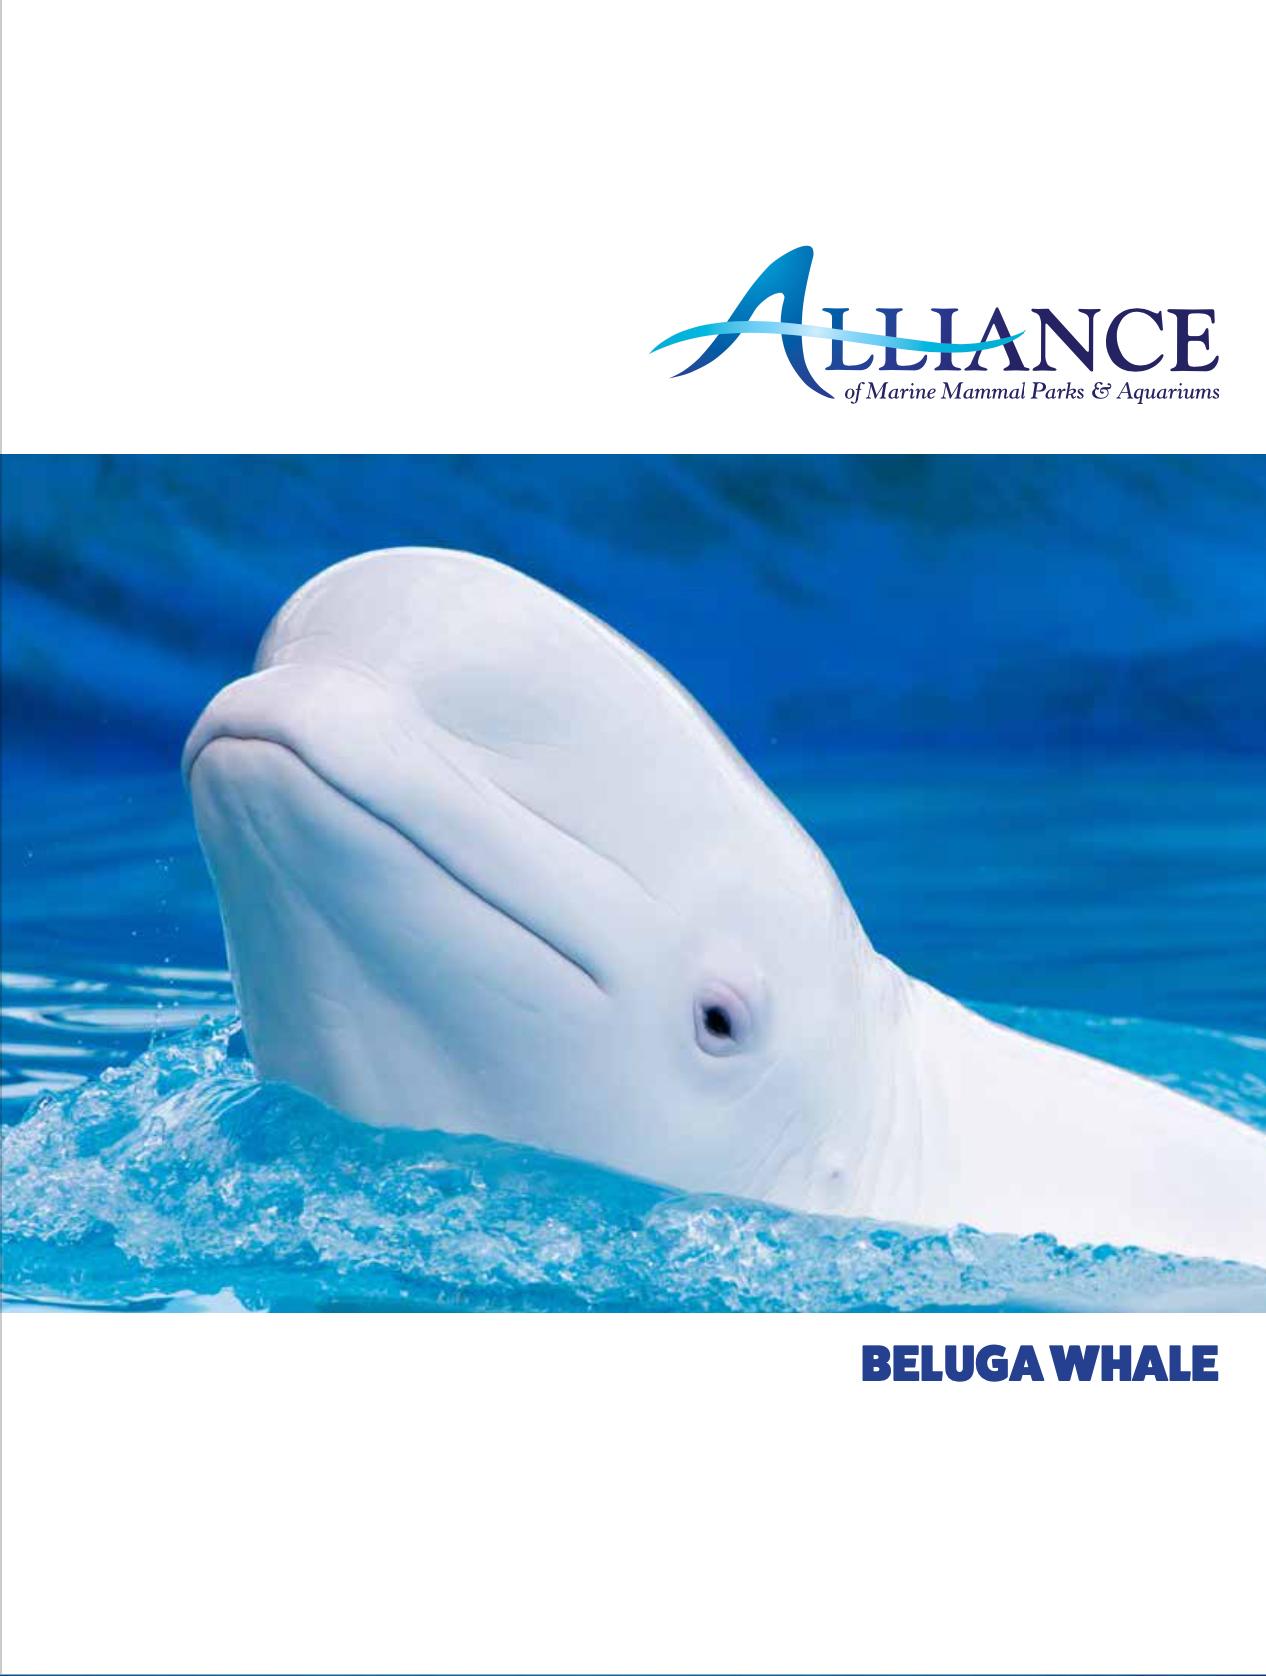 Alliance Fact Sheet - Beluga